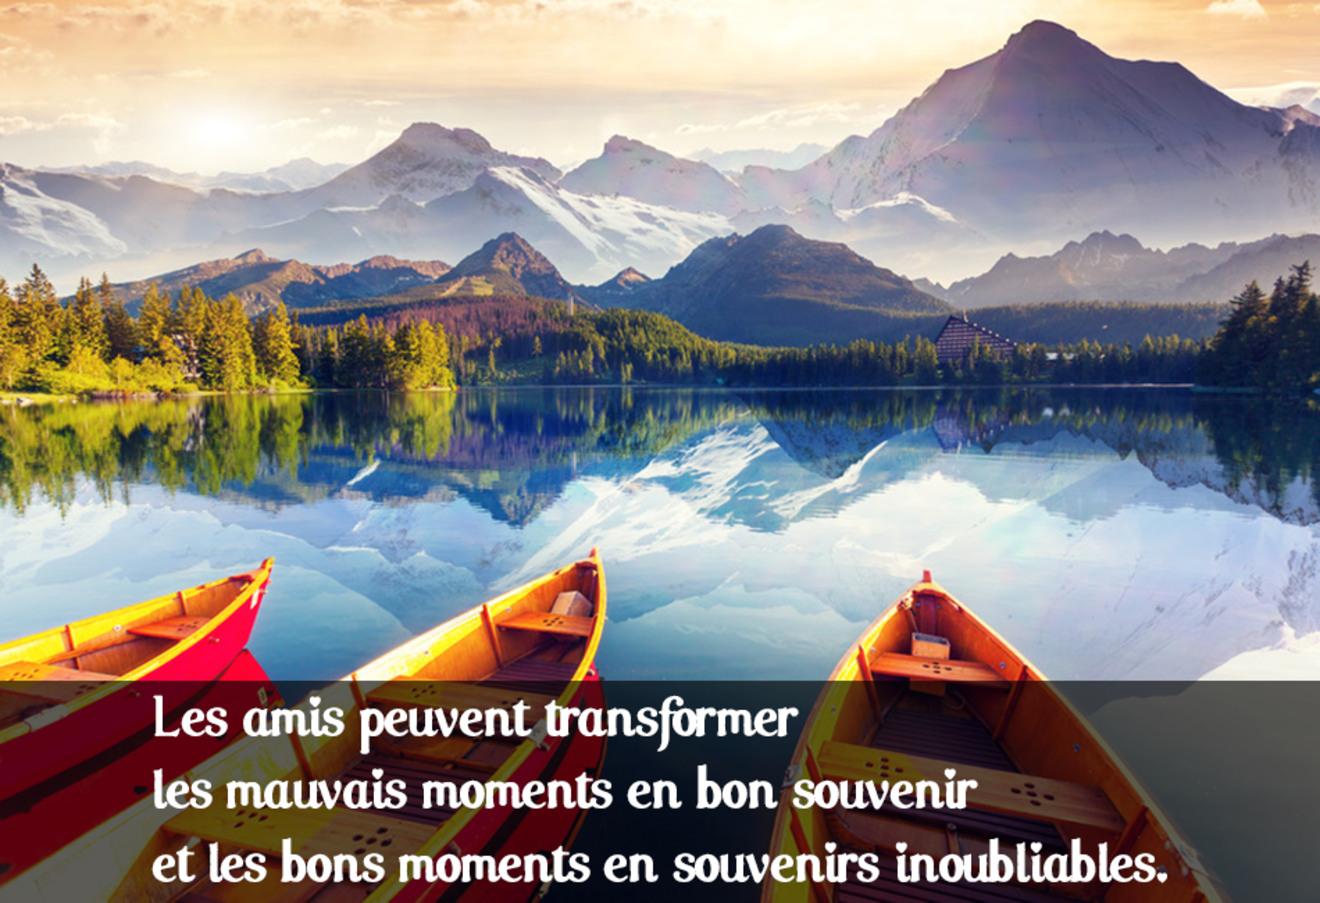 Proverbe amitie